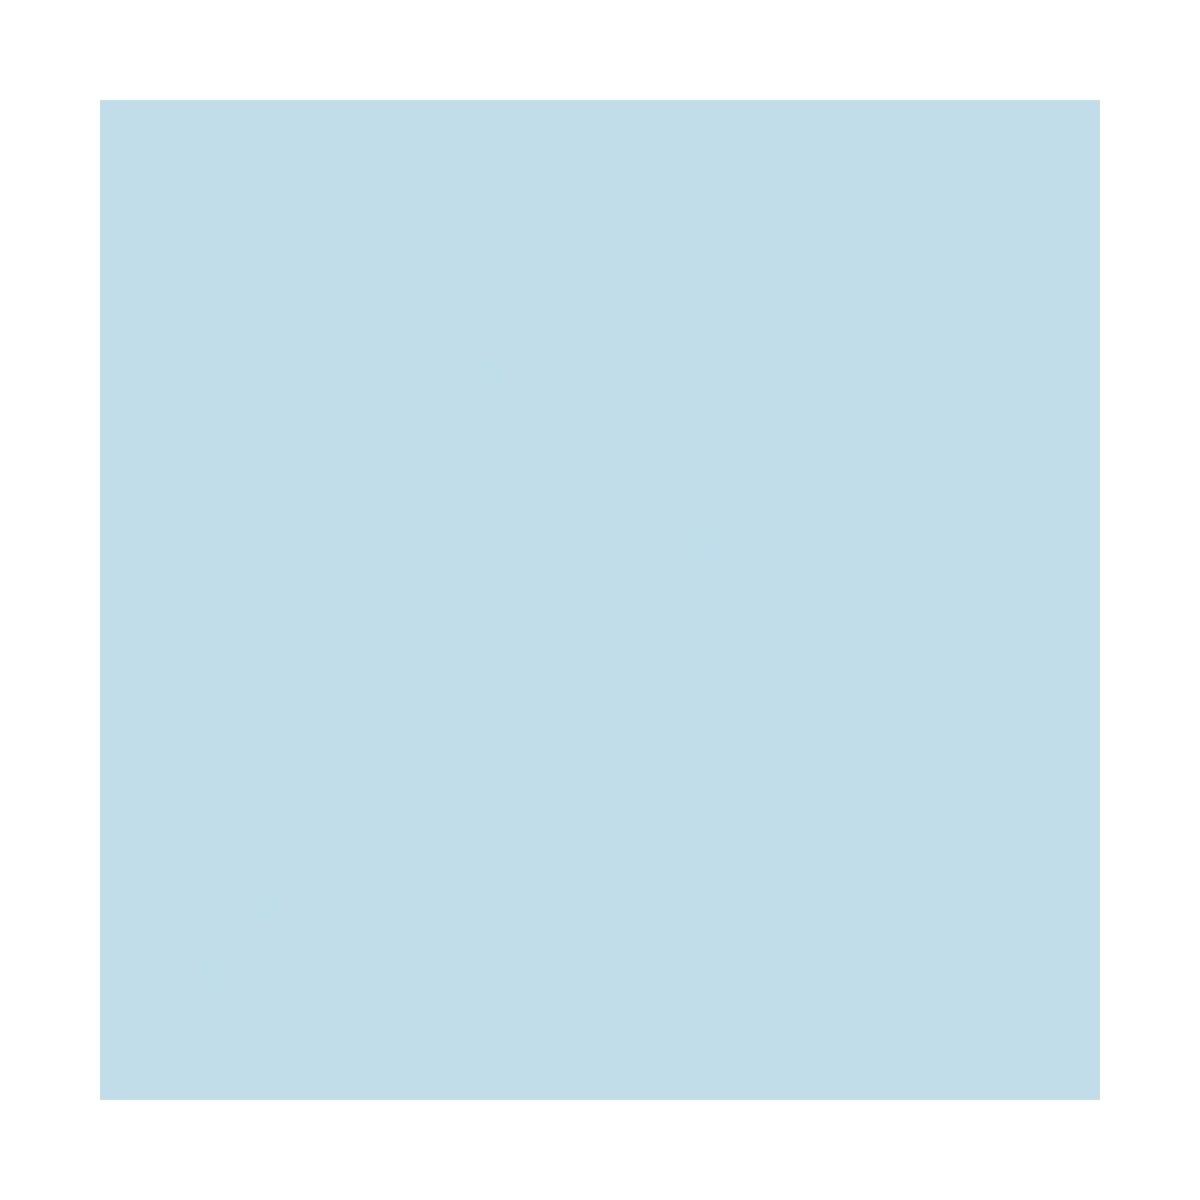 bd_backgrounds_115_misti_blue_02